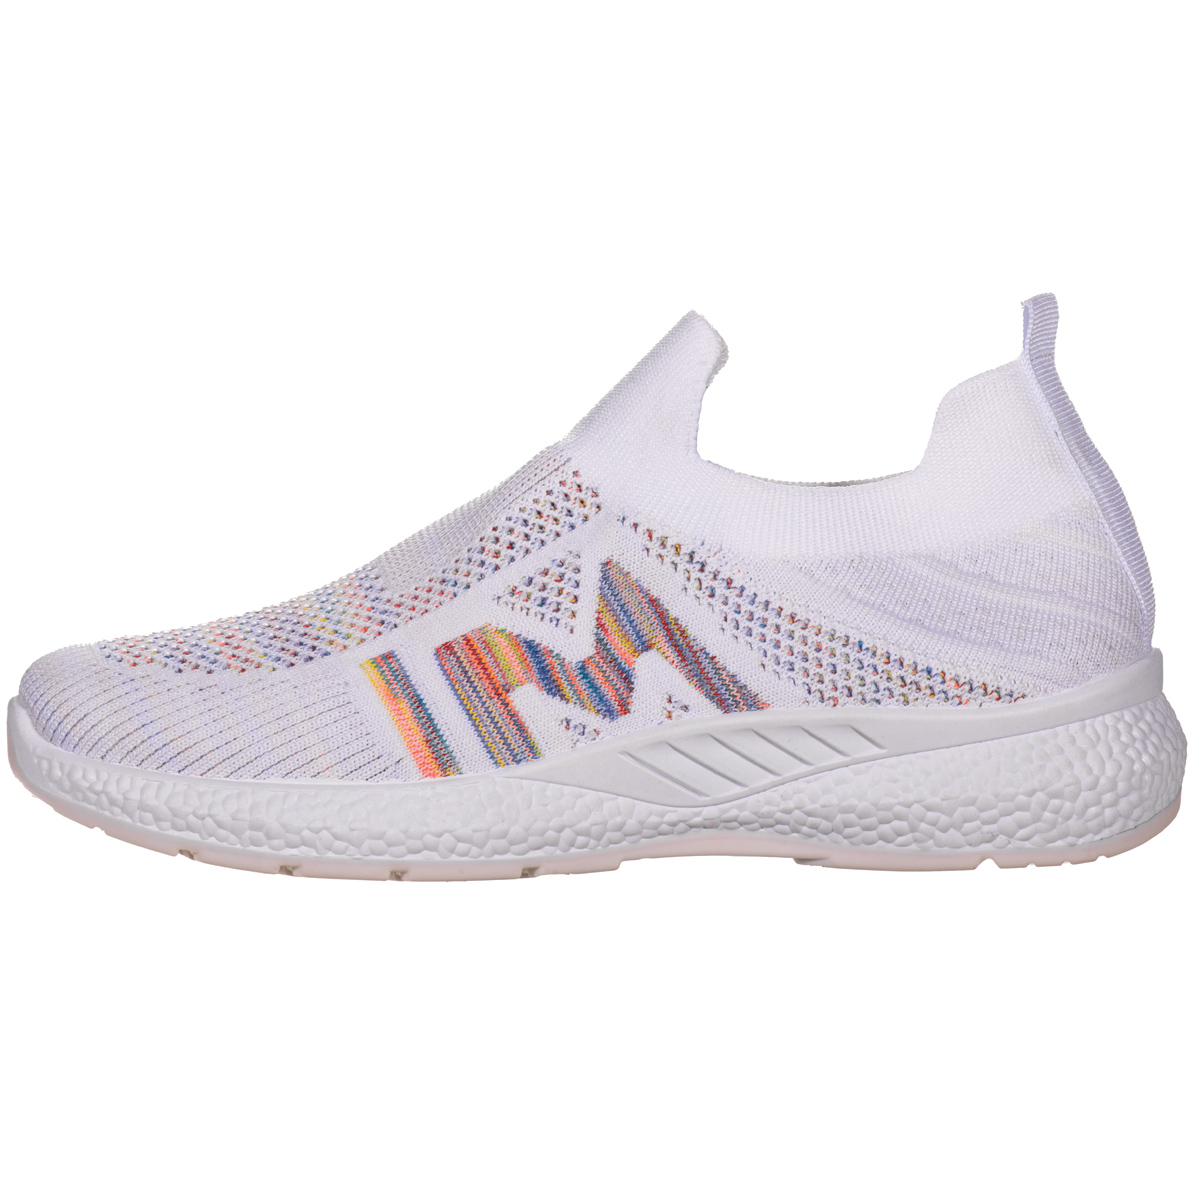 کفش پیاده روی زنانه مدل WIN-SKY BOOST JRBND-7813